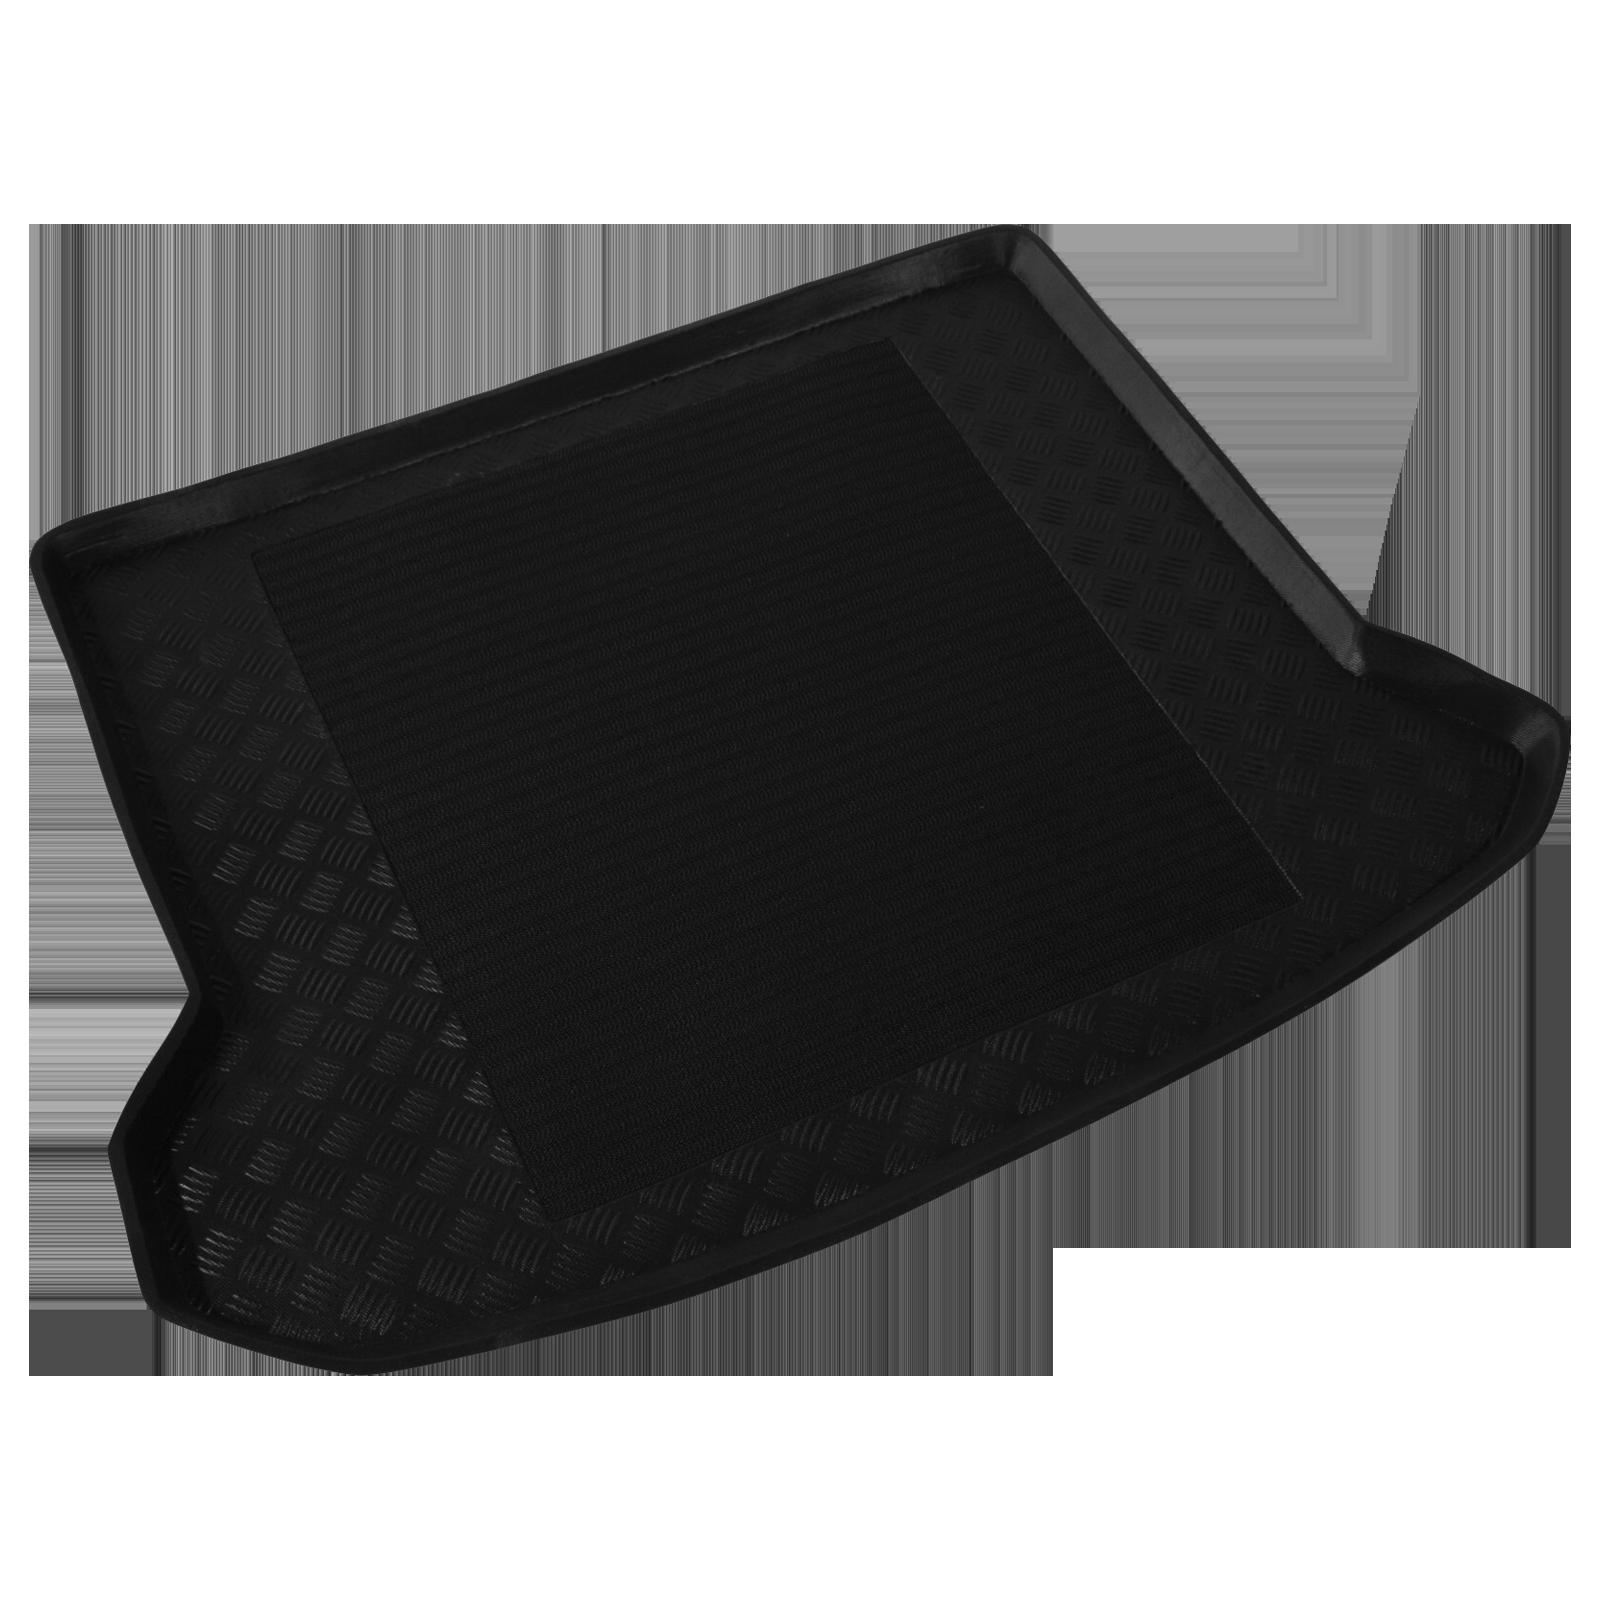 bac coffre noir pour volvo xc60 bj. Black Bedroom Furniture Sets. Home Design Ideas